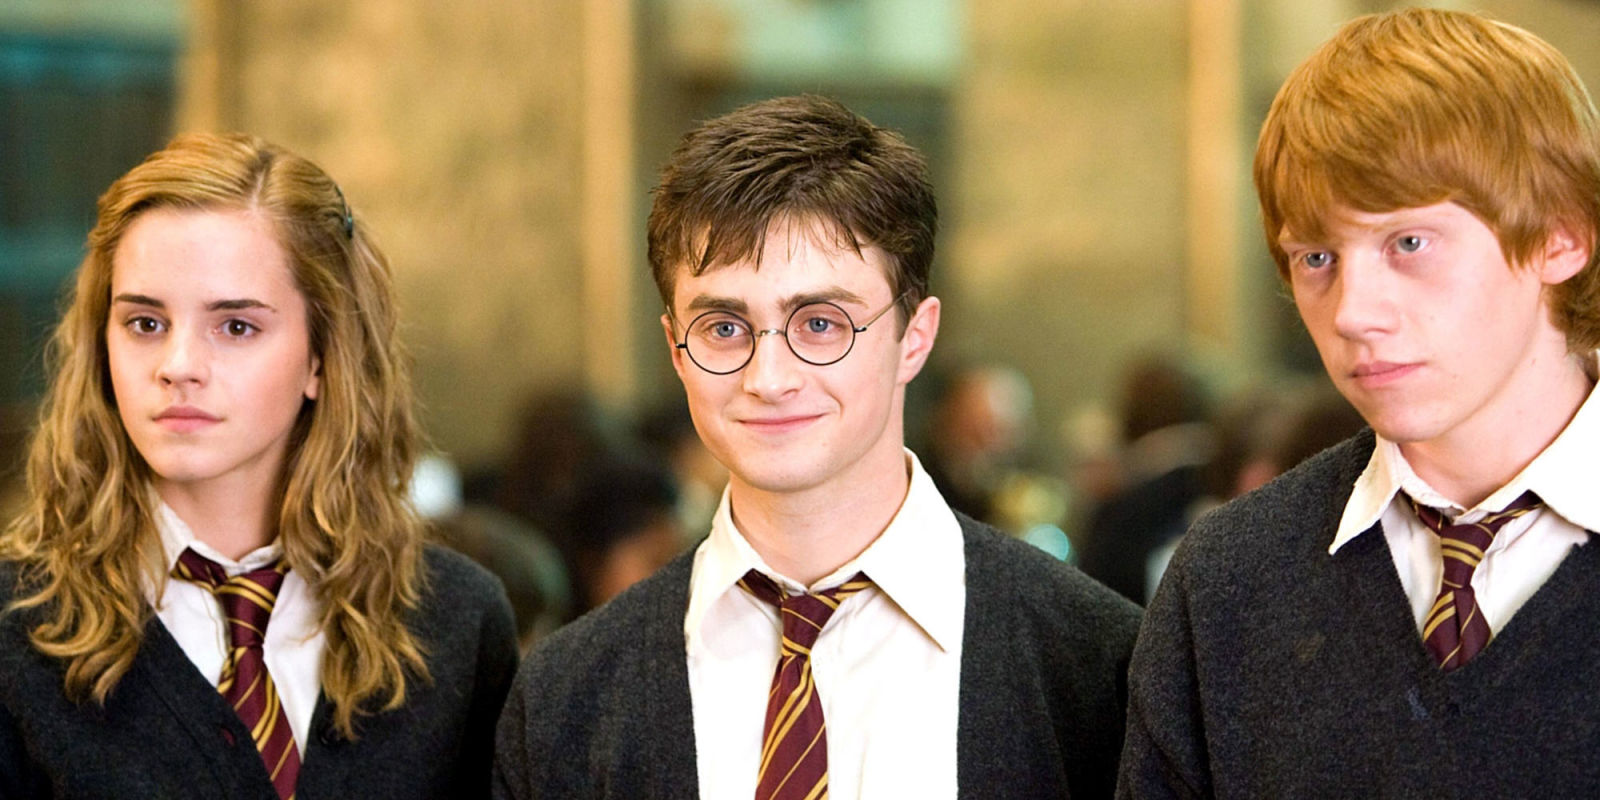 se ami Harry Potter sei una persona migliori